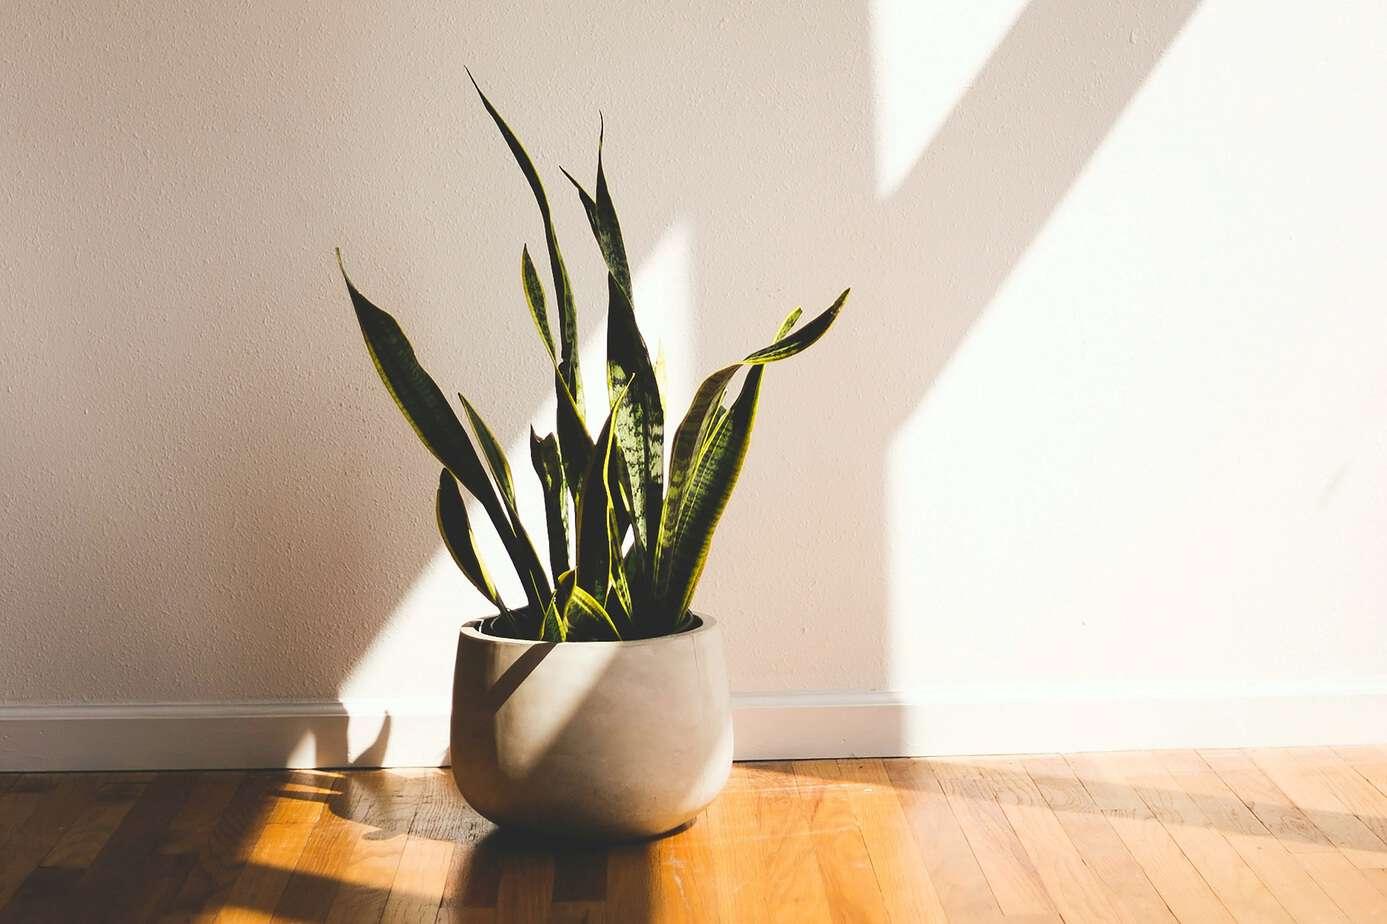 snake plant propagation